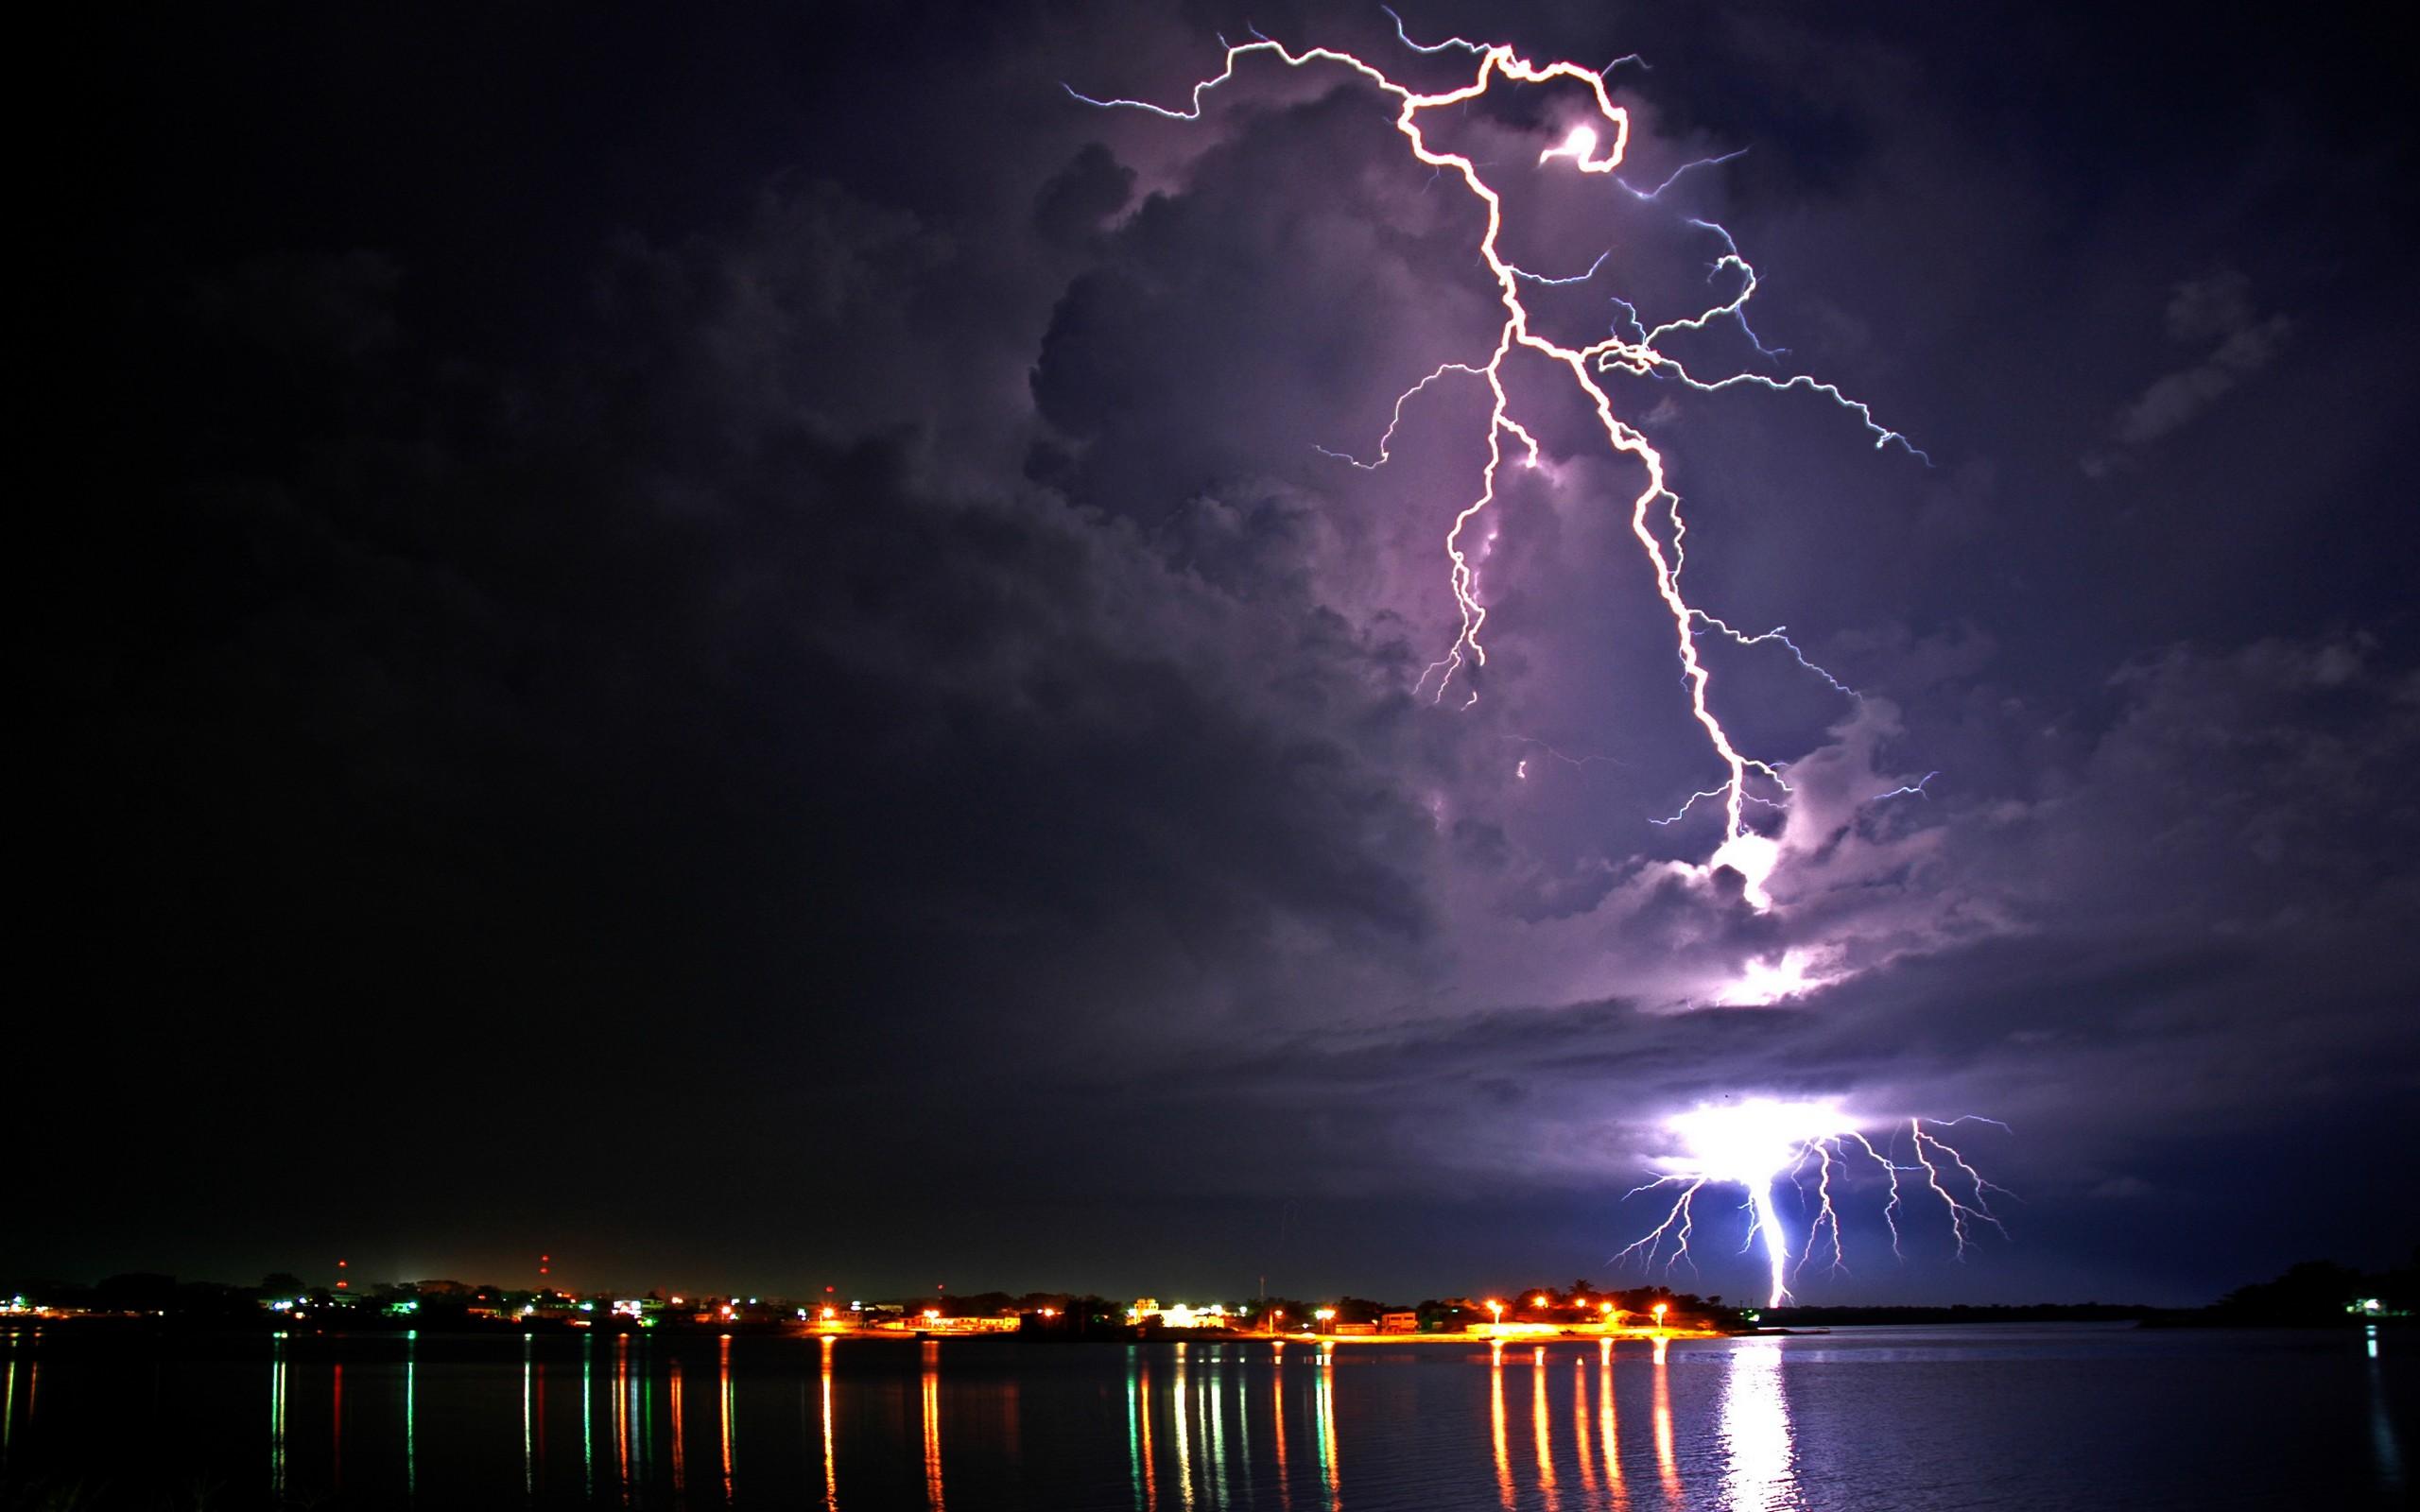 картинки гроза и молния дождь фото